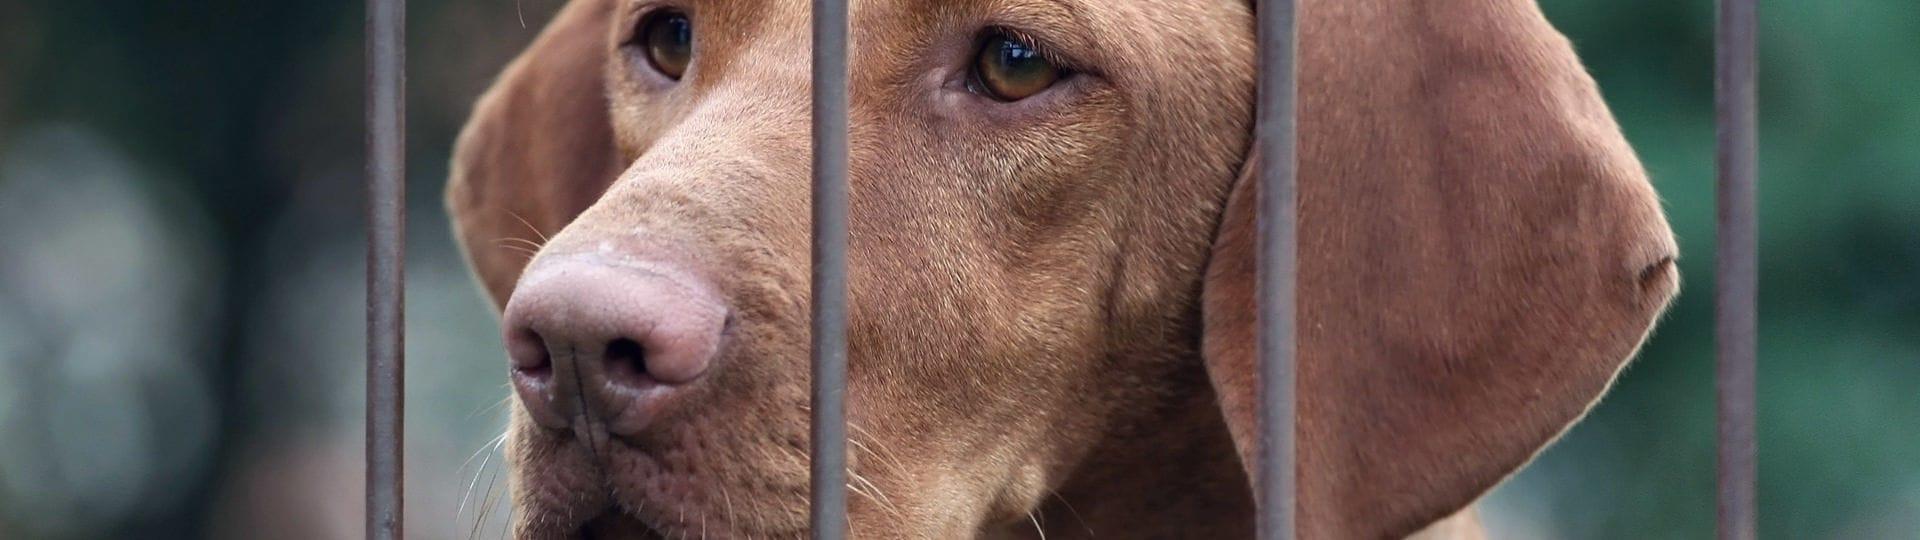 chiens dans les centres de placement des animaux ou dans des chenils-pensions